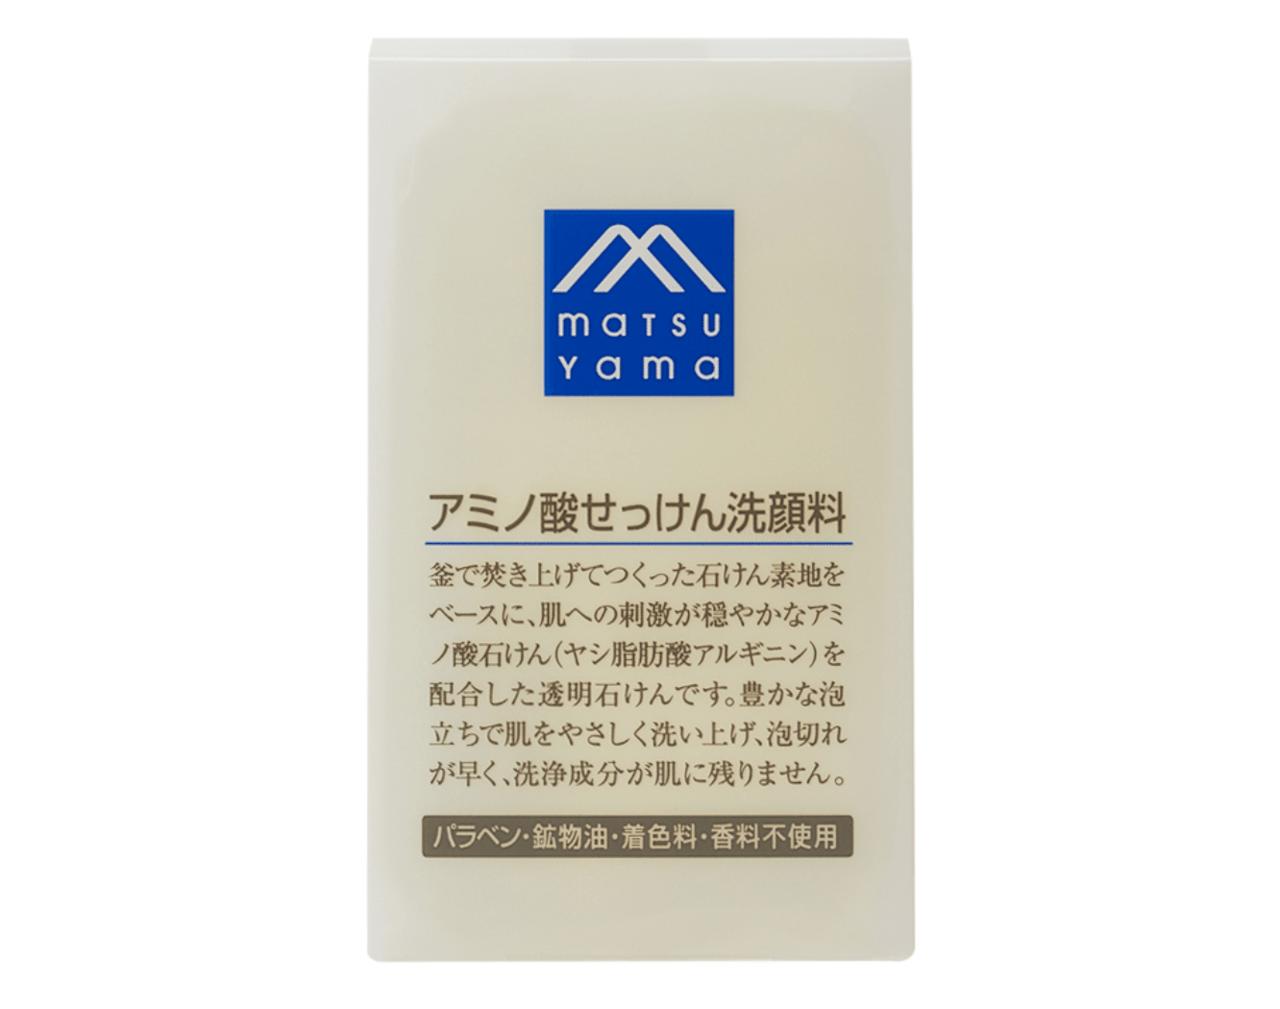 松山油脂 M-mark アミノ酸せっけん洗顔料